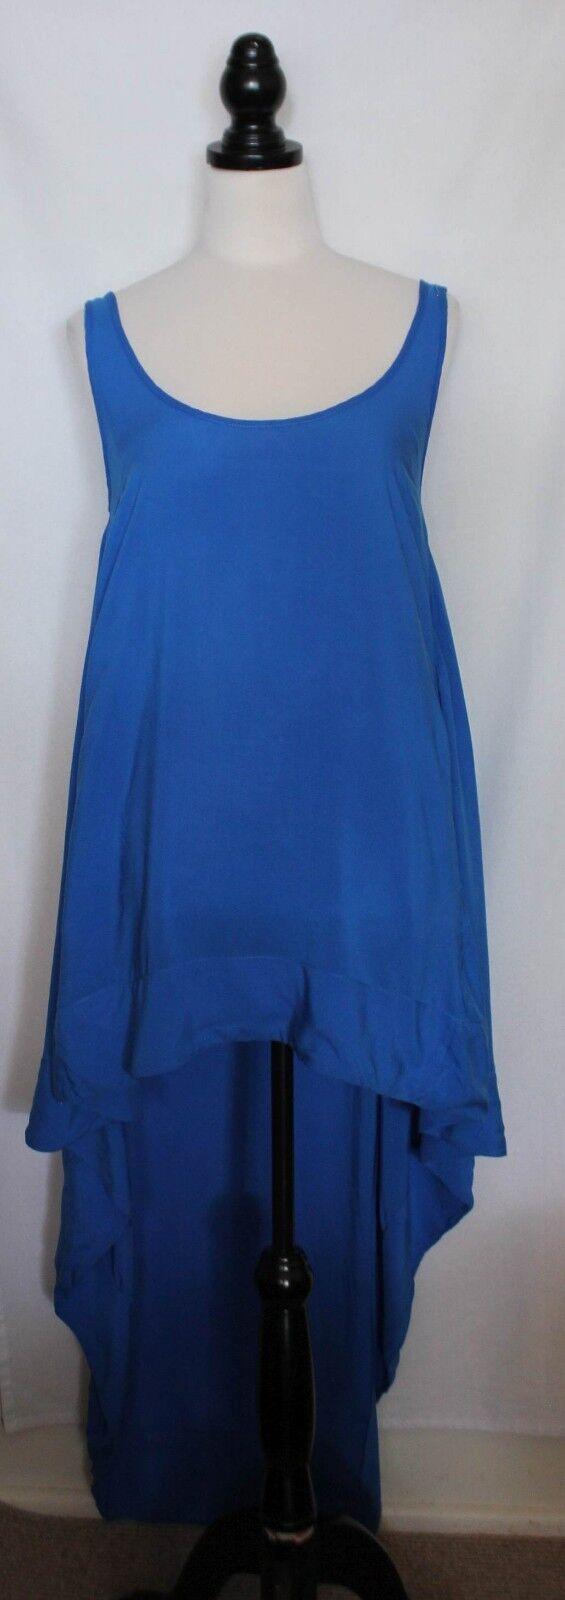 SASS & BIDE  Cobalt bluee Asymmetric Hemline Viscose Sleeveless Dress 8